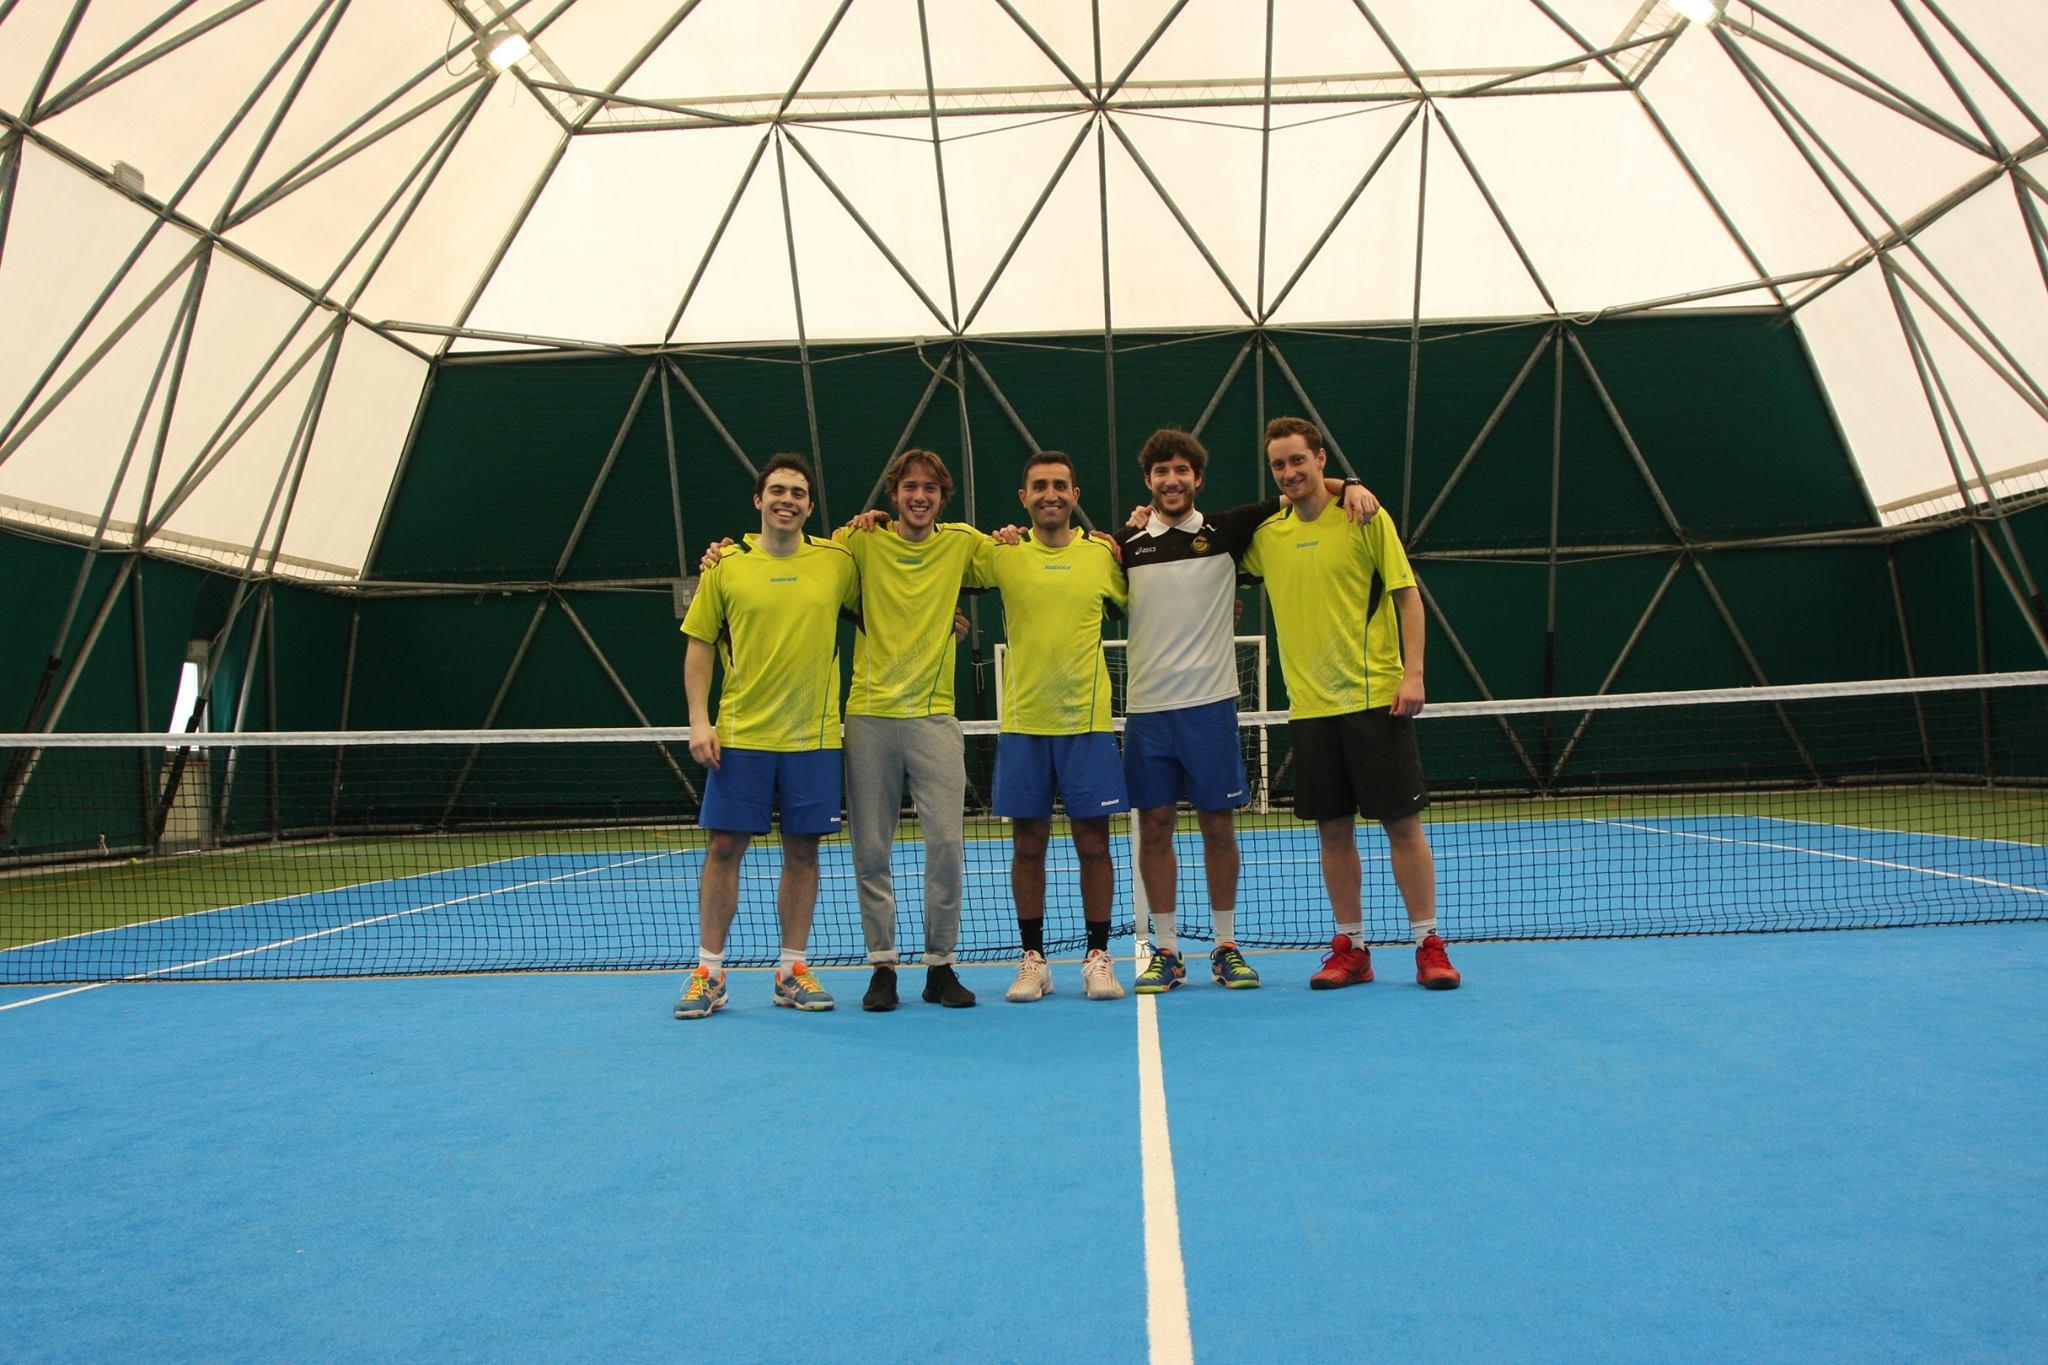 La squadra di tennis di Corinaldo sul nuovo manto sintetico